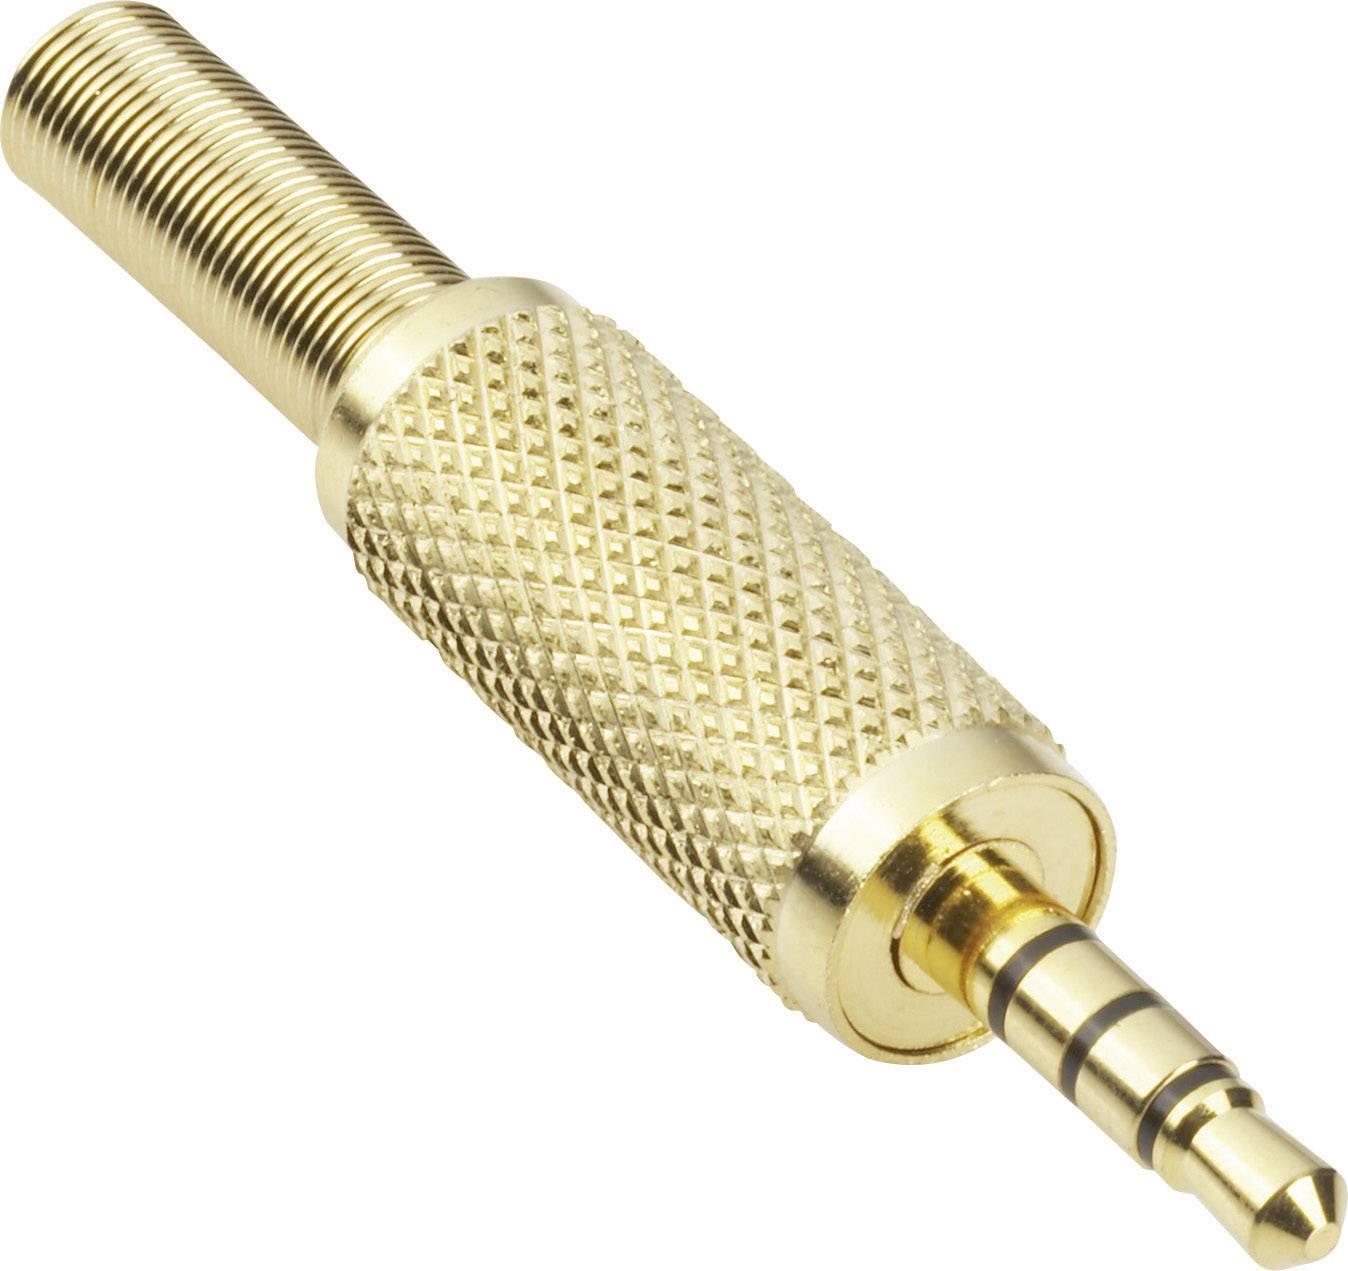 Jack konektor 3.5 mm stereo zástrčka, rovná BKL Electronic 1103057, pinov 4, zlatá, 1 ks